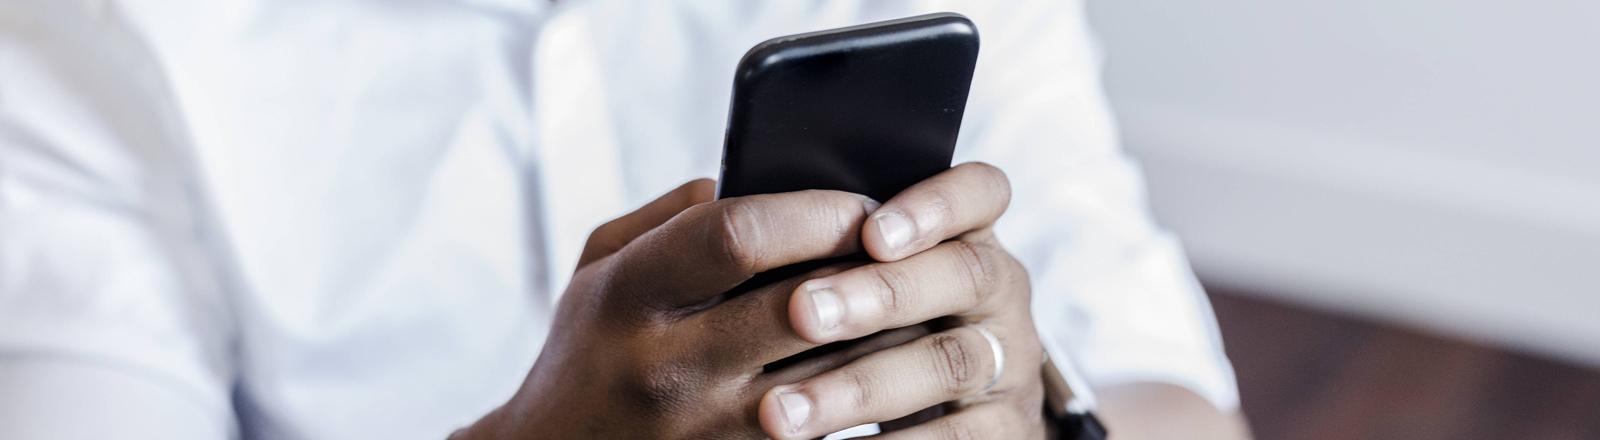 Mann hält Handy in der Hand